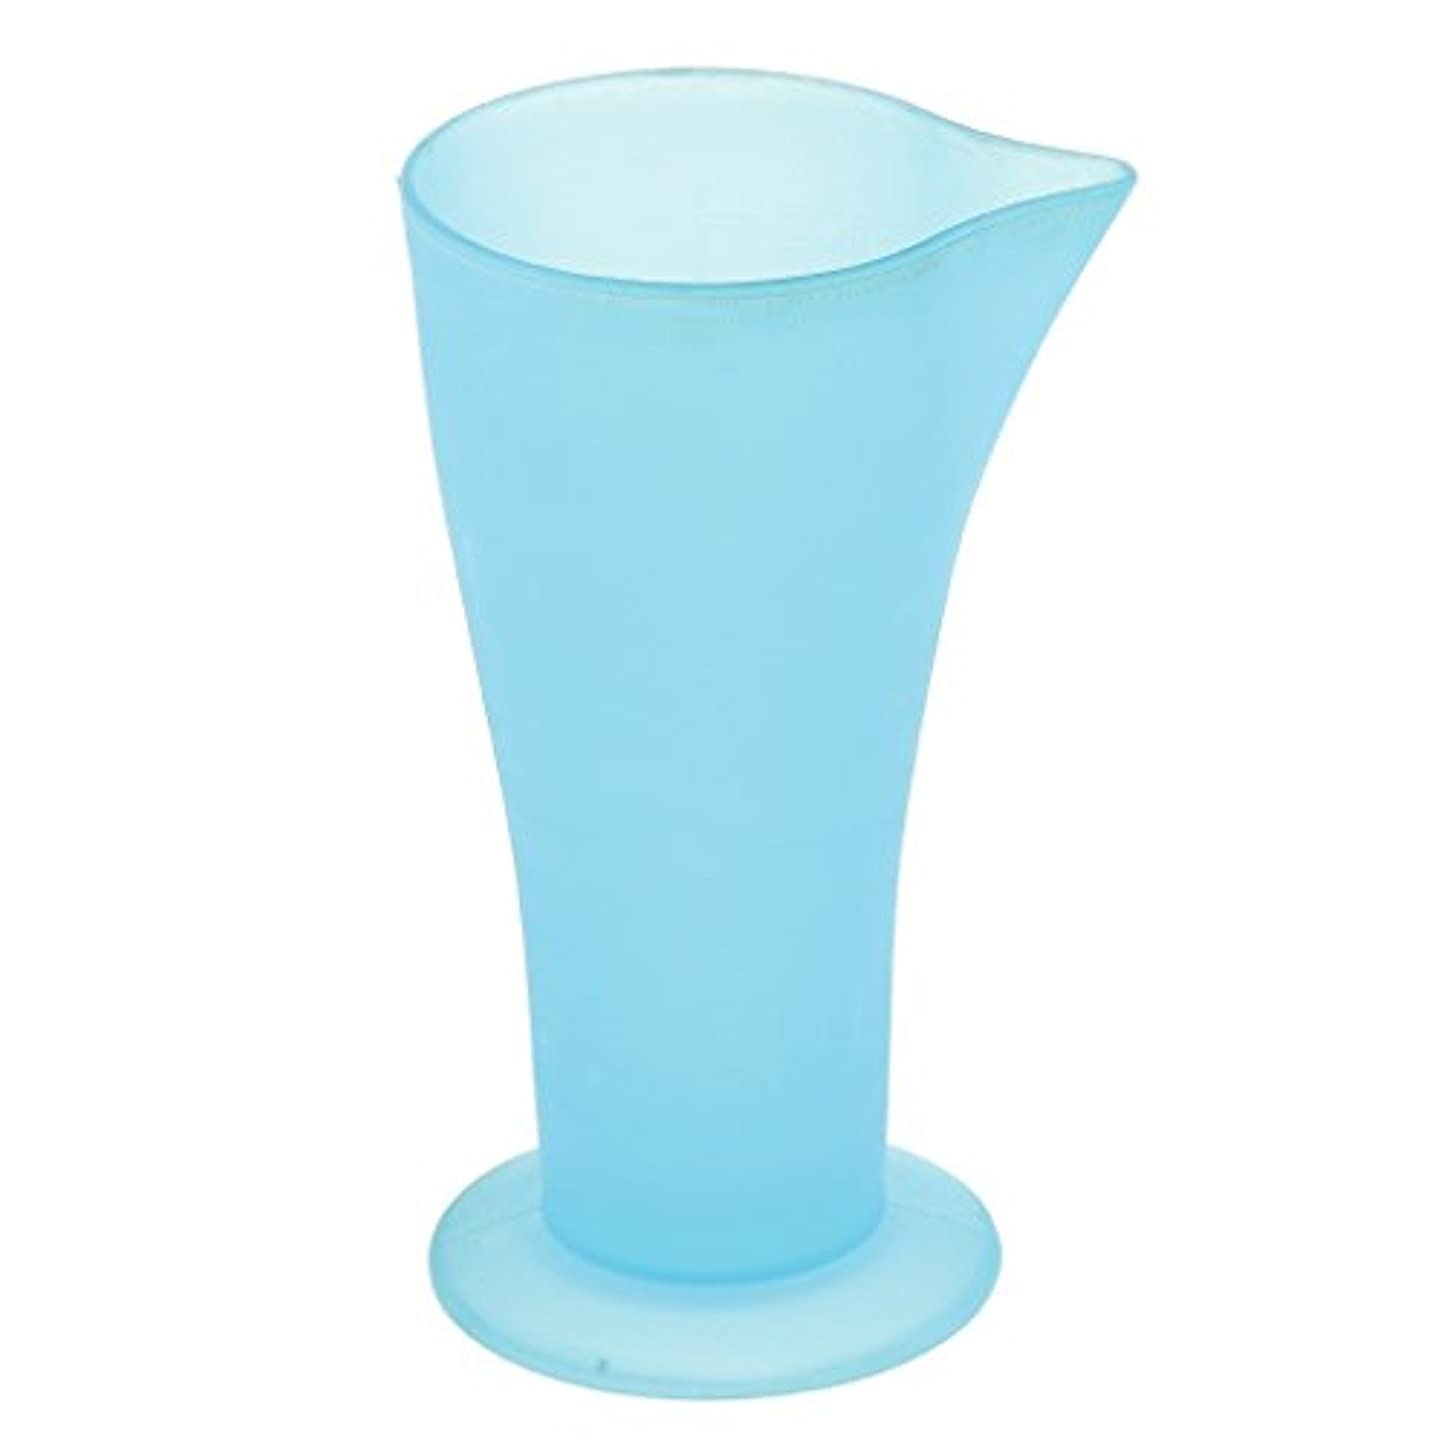 裁判所ラフトハウジングKesoto 計量カップ ヘアダイカップ ヘアカラーカップ ヘアダイ容器 ブルー プラスチック 再使用可能 髪型 サロン 髪の色合い 色測定カップ